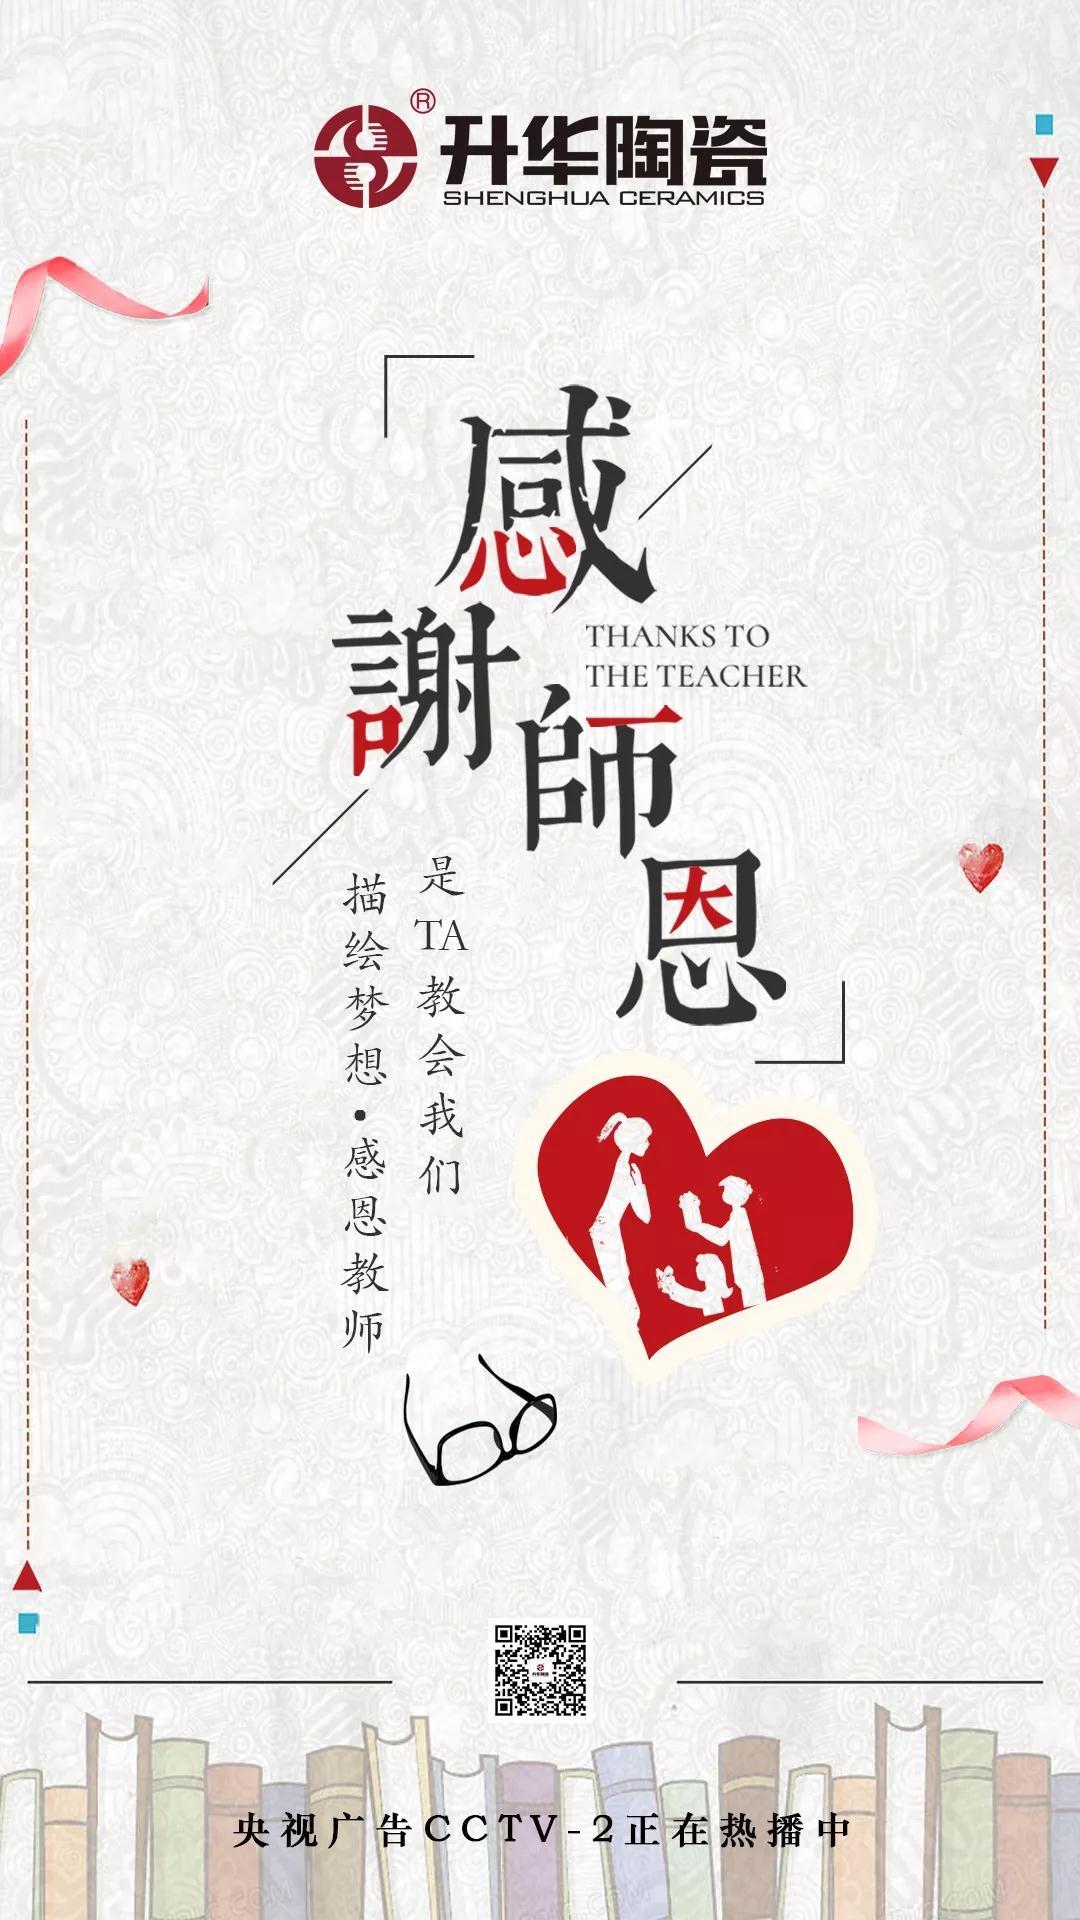 爱拼陶瓷——浓情九月,勿忘师恩!